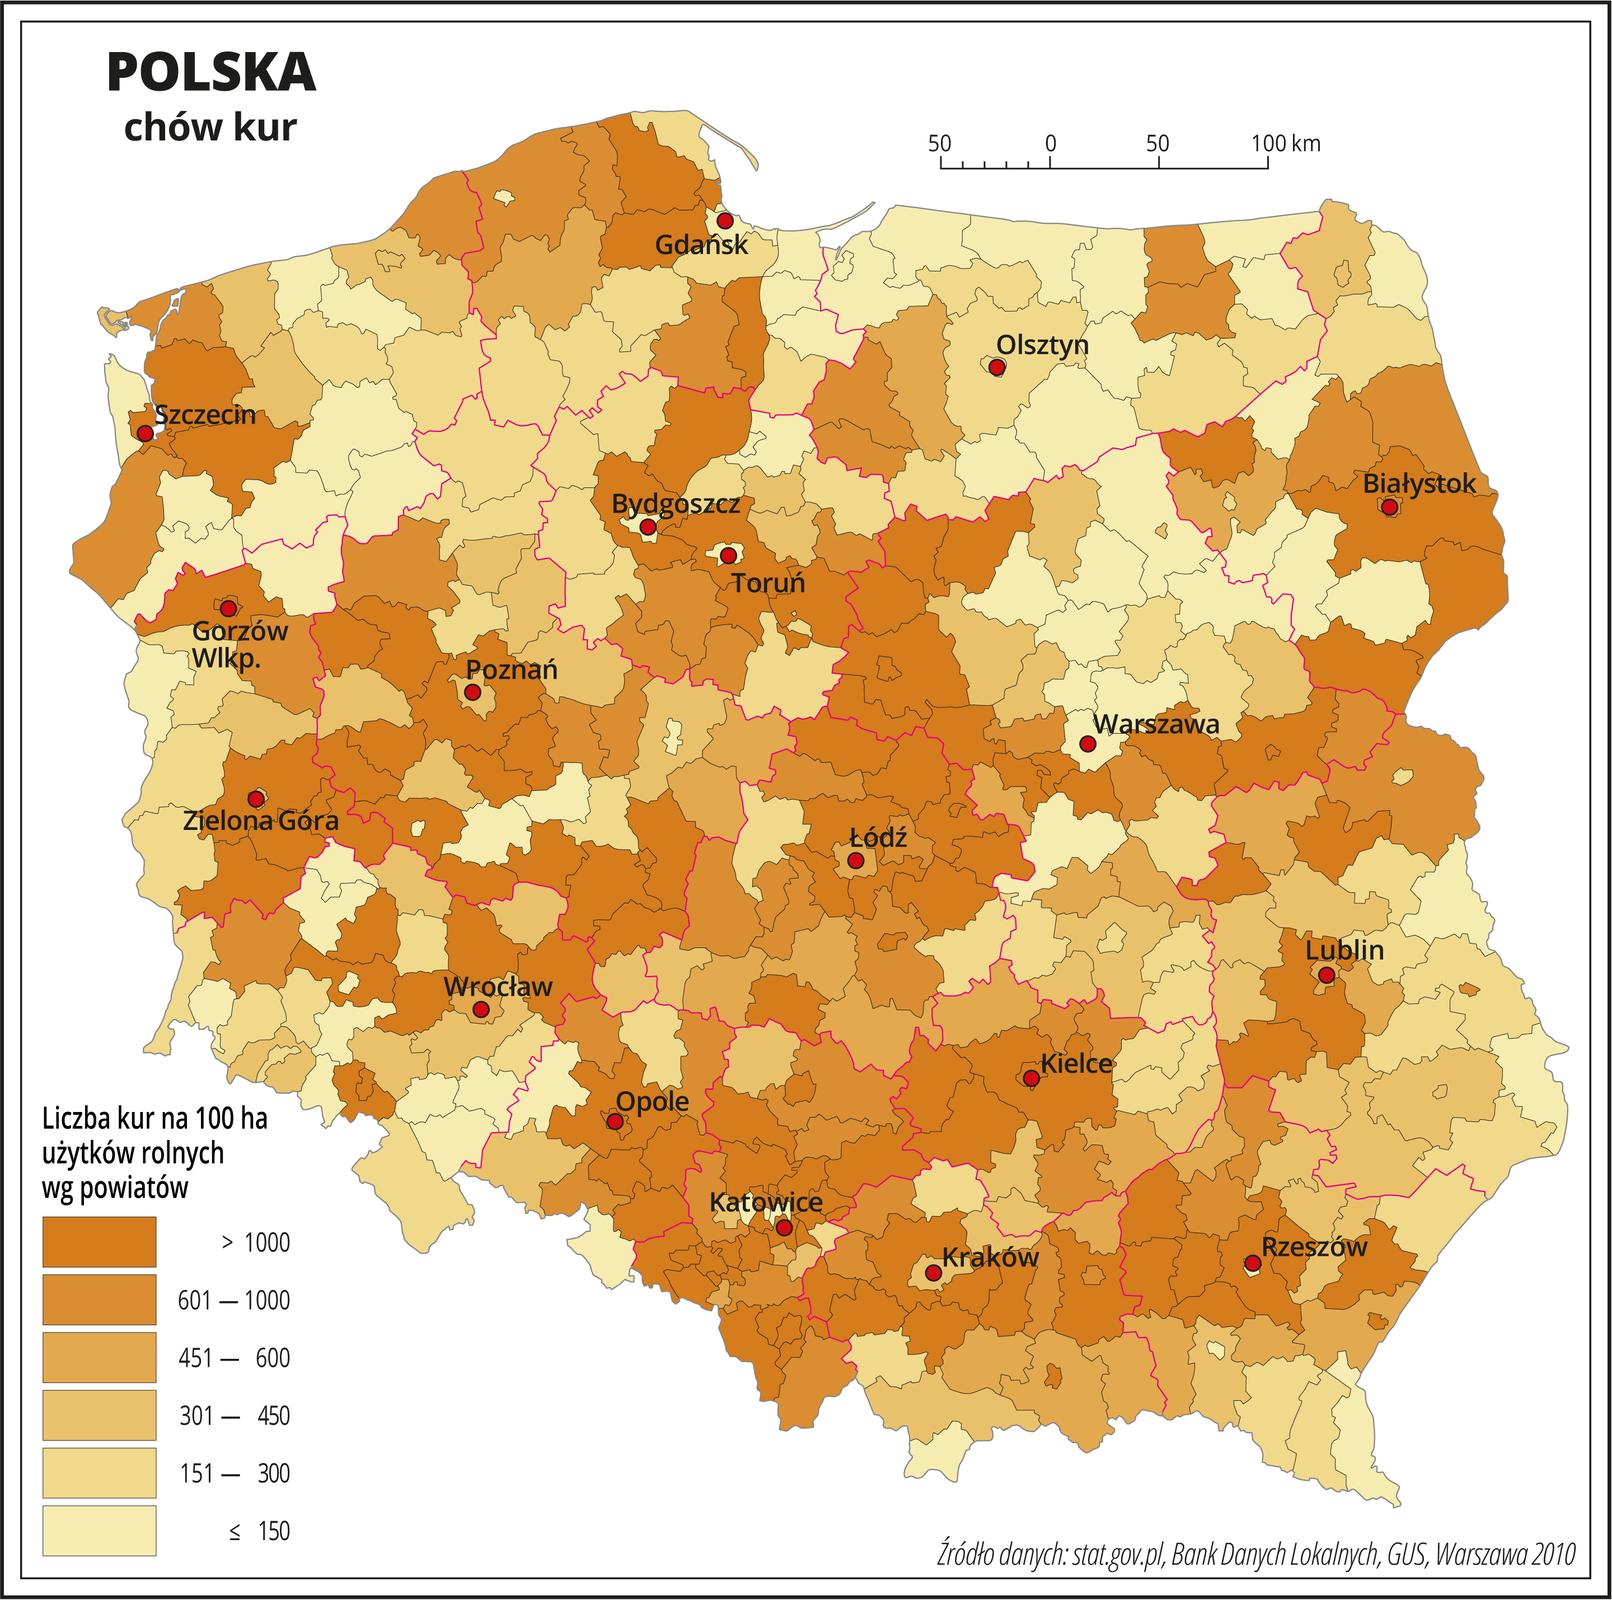 Ilustracja przedstawia mapę Polski zpodziałem na powiaty, na której za pomocą kolorów od pomarańczowego do żółtego przedstawiono liczbę sztuk kur na sto hektarów użytków rolnych wg powiatów. Na mapie czerwonymi liniami oznaczono granice województw, aczarnymi granice powiatów, czerwonymi kropkami oznaczono miasta wojewódzkie ije opisano. Najciemniejszym odcieniem koloru pomarańczowego oznaczono obszary, gdzie występuje powyżej tysiąca sztuk kur na sto hektarów użytków rolnych, anajjaśniejszym odcieniem koloru żółtego obszary, gdzie hodowla kur jest najmniejsza iwynosi poniżej stu pięćdziesięciu sztuk na sto hektarów użytków rolnych. Na mapie przeważają obszary ciemniejsze. Poszczególne kolory są rozłożone nierównomiernie. Największa liczba powiatów oznaczonych kolorem najjaśniejszym, wktórych hodowla kur jest najmniejsza występuje wwojewództwie mazowieckim, podlaskim iwarmińsko-mazurskim izachodniopomorskim. Poniżej mapy wlegendzie opisano kolory użyte na mapie.